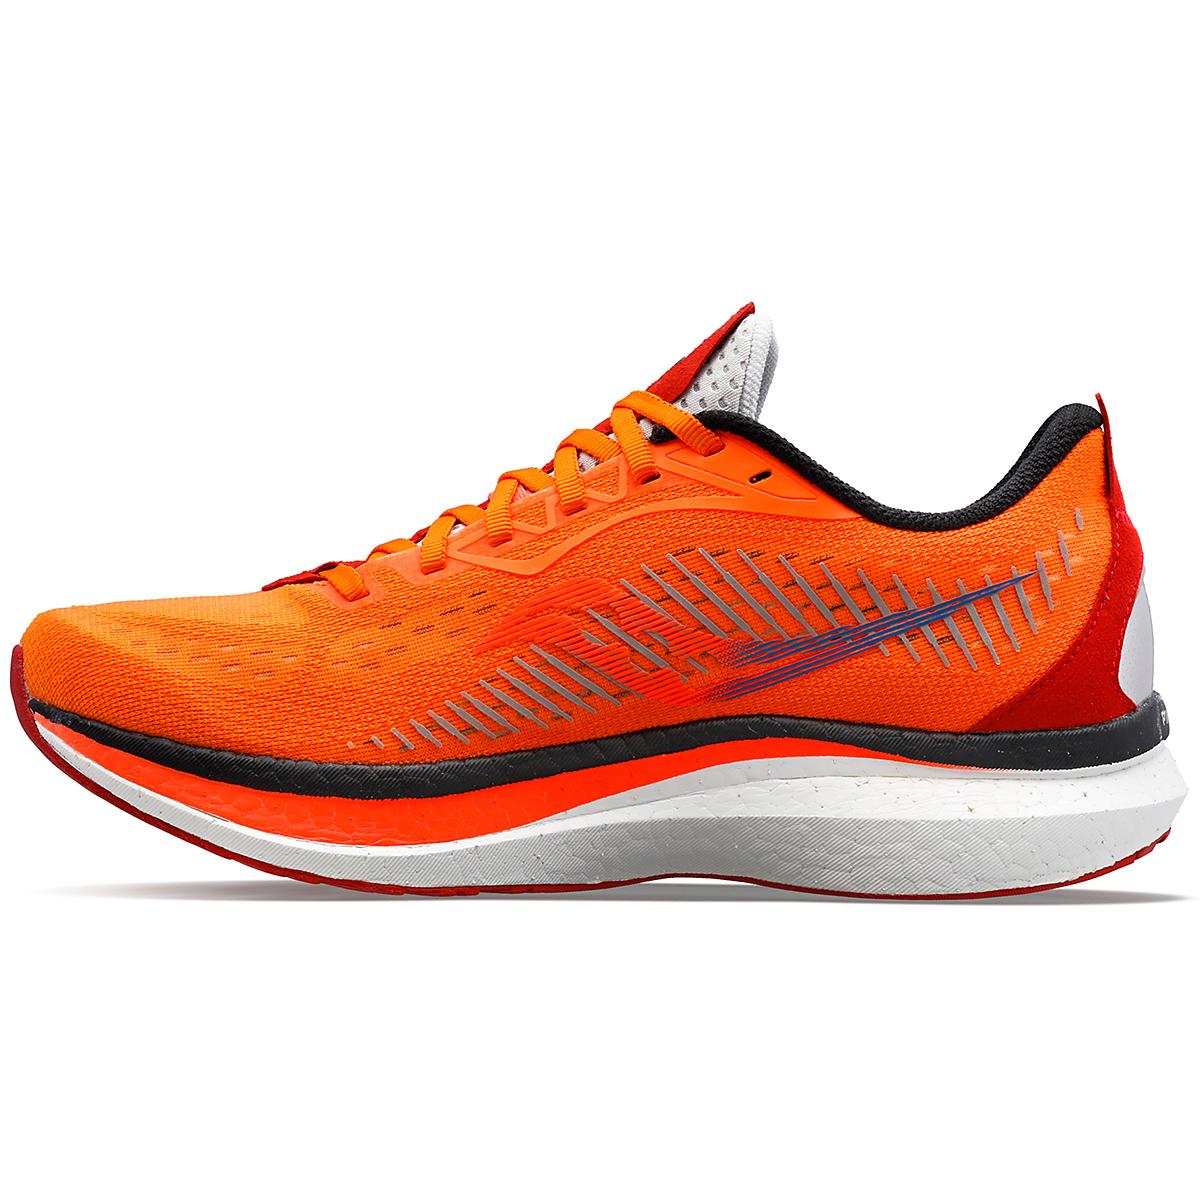 Men's Saucony Endorphin Speed 2 Running Shoe - Color: Jackalope - Size: 7 - Width: Regular, Jackalope, large, image 2